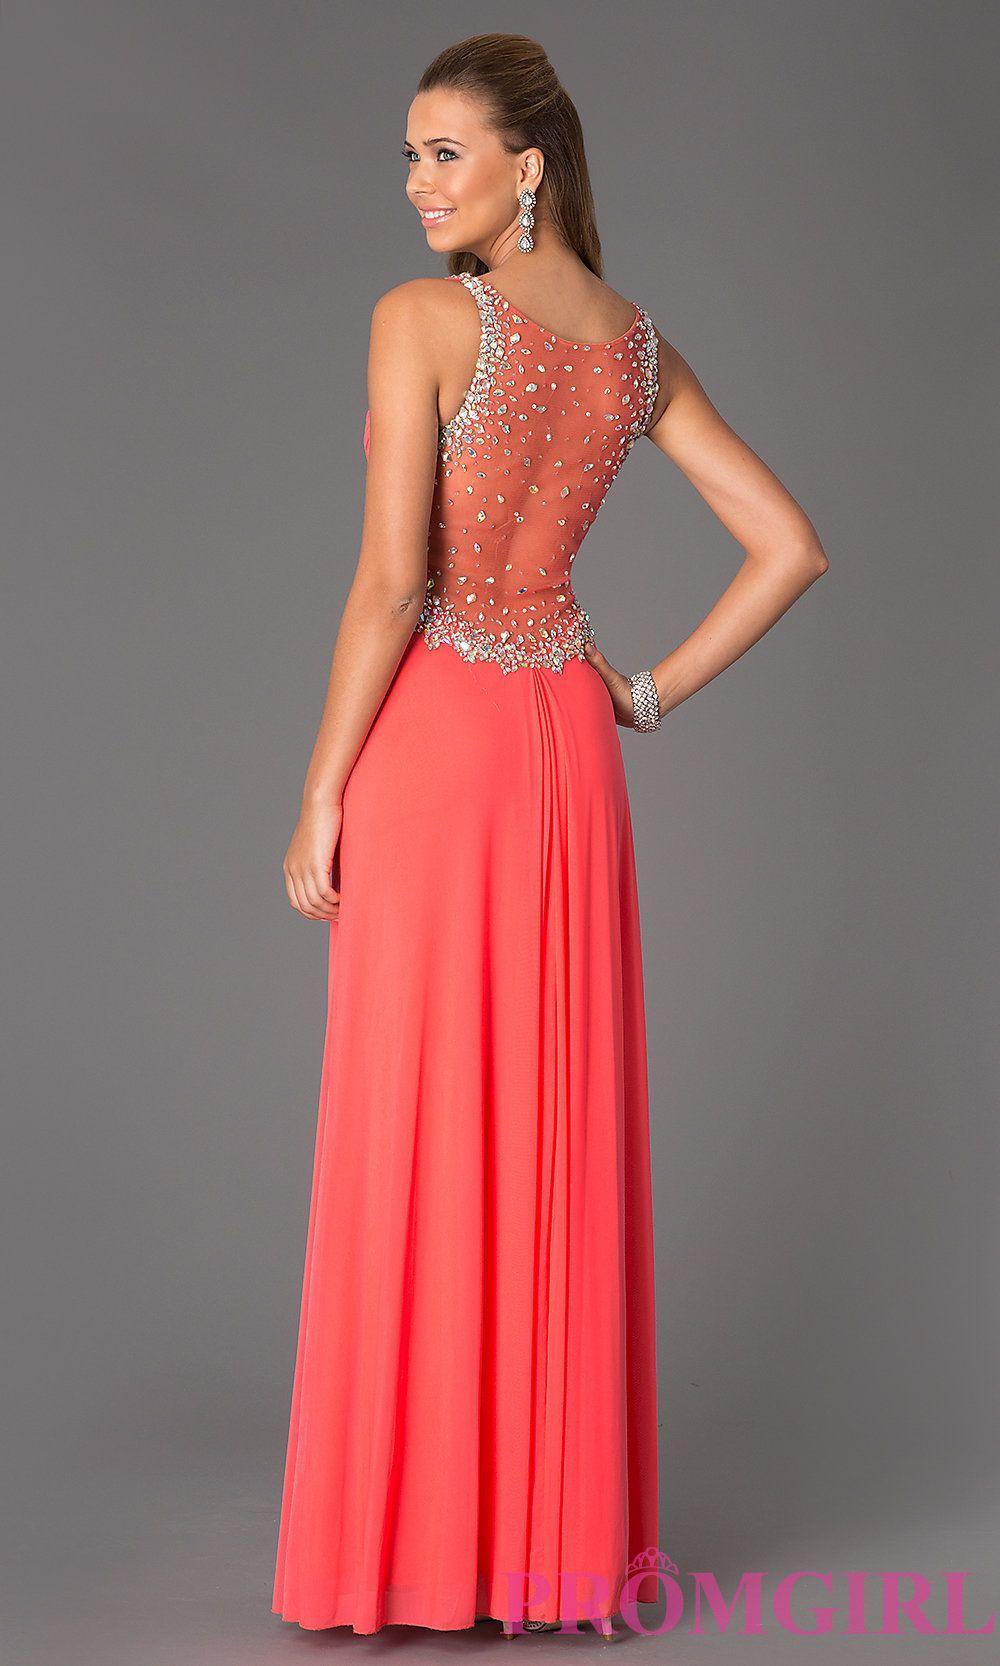 Sleeveless vneck floor length jvn by jovani dress promgirl dress